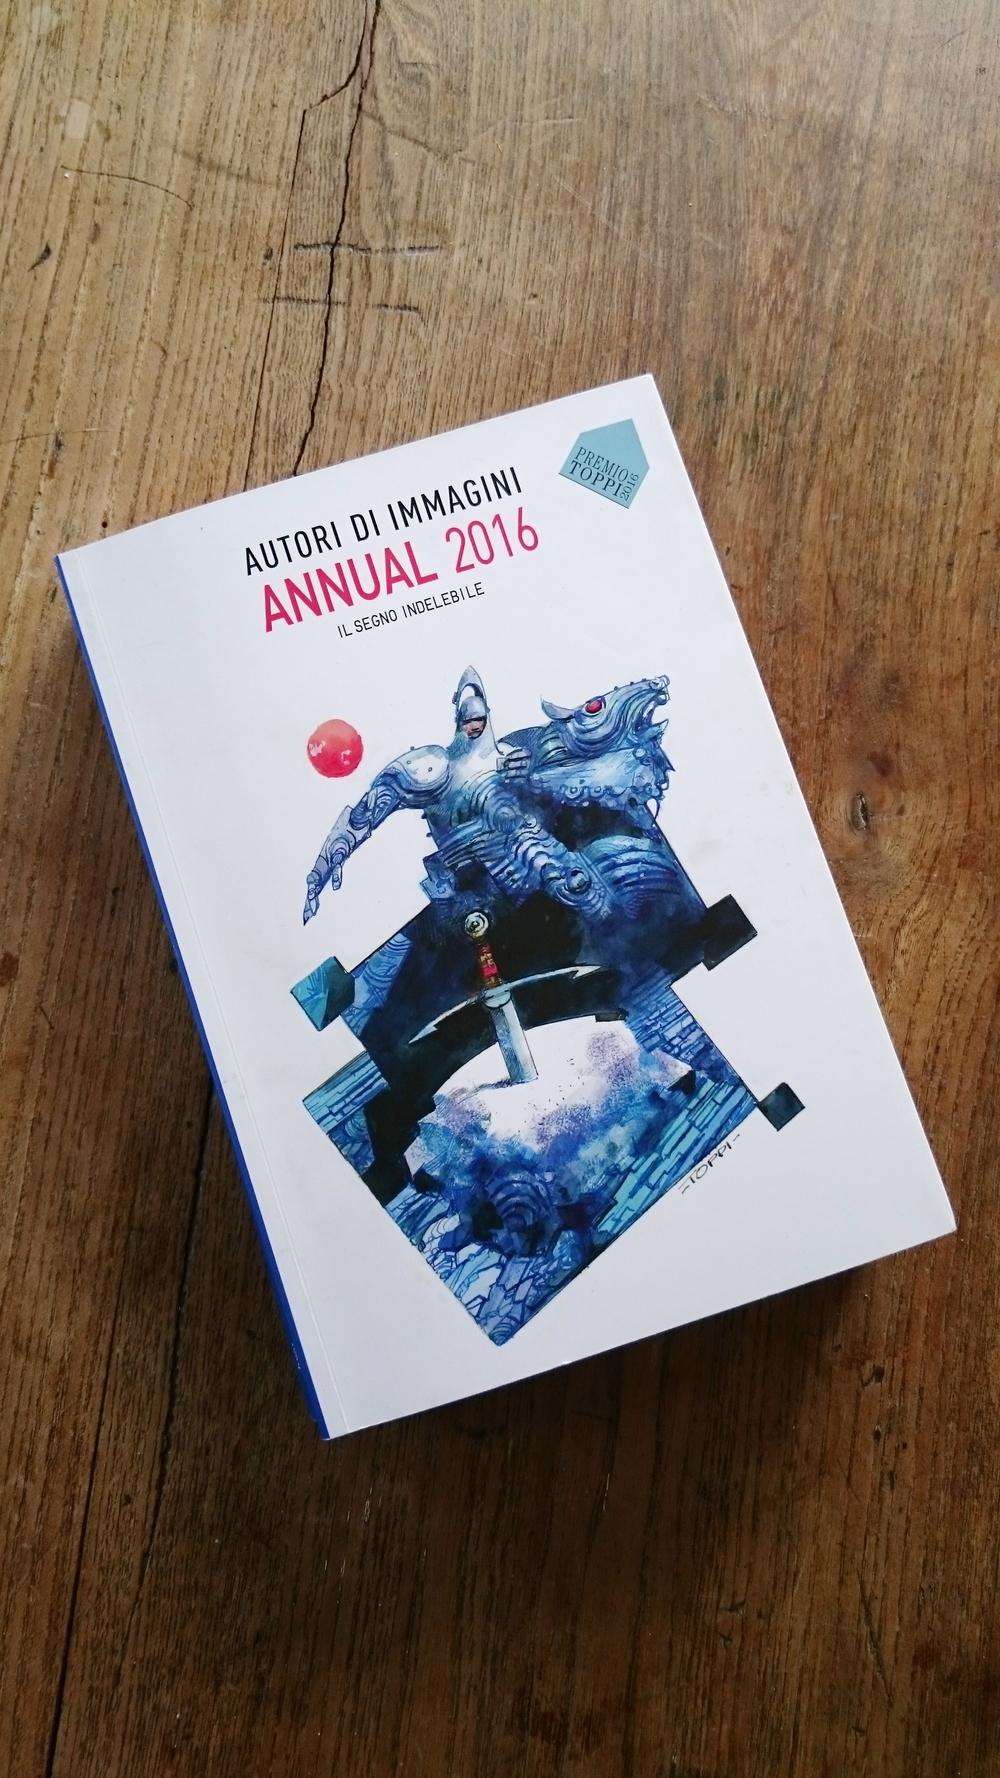 Annual Autori di Immagini 2016